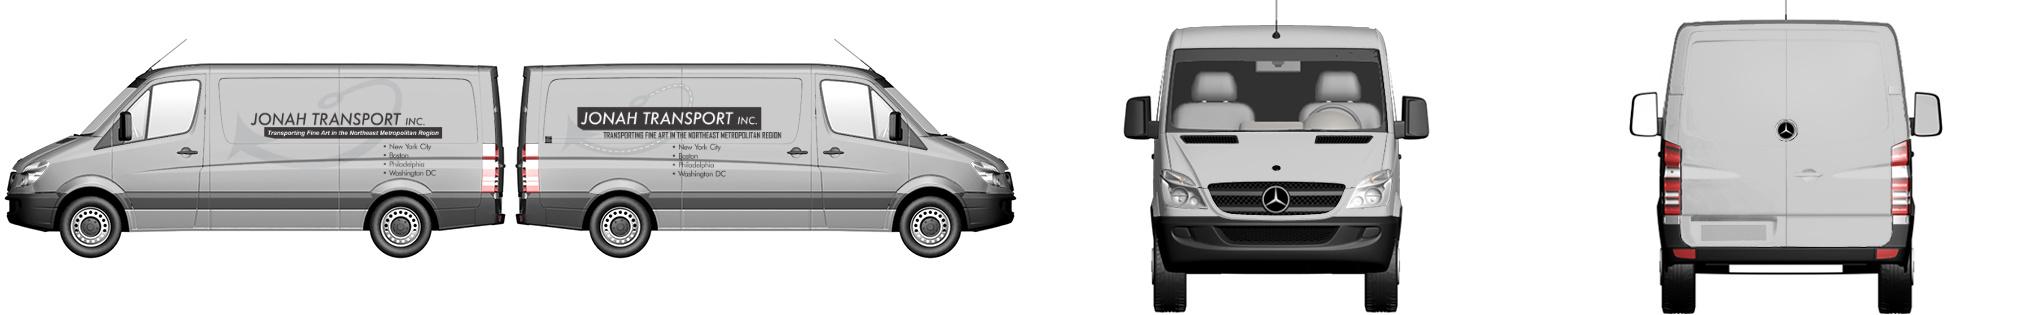 Van Wrap #52365